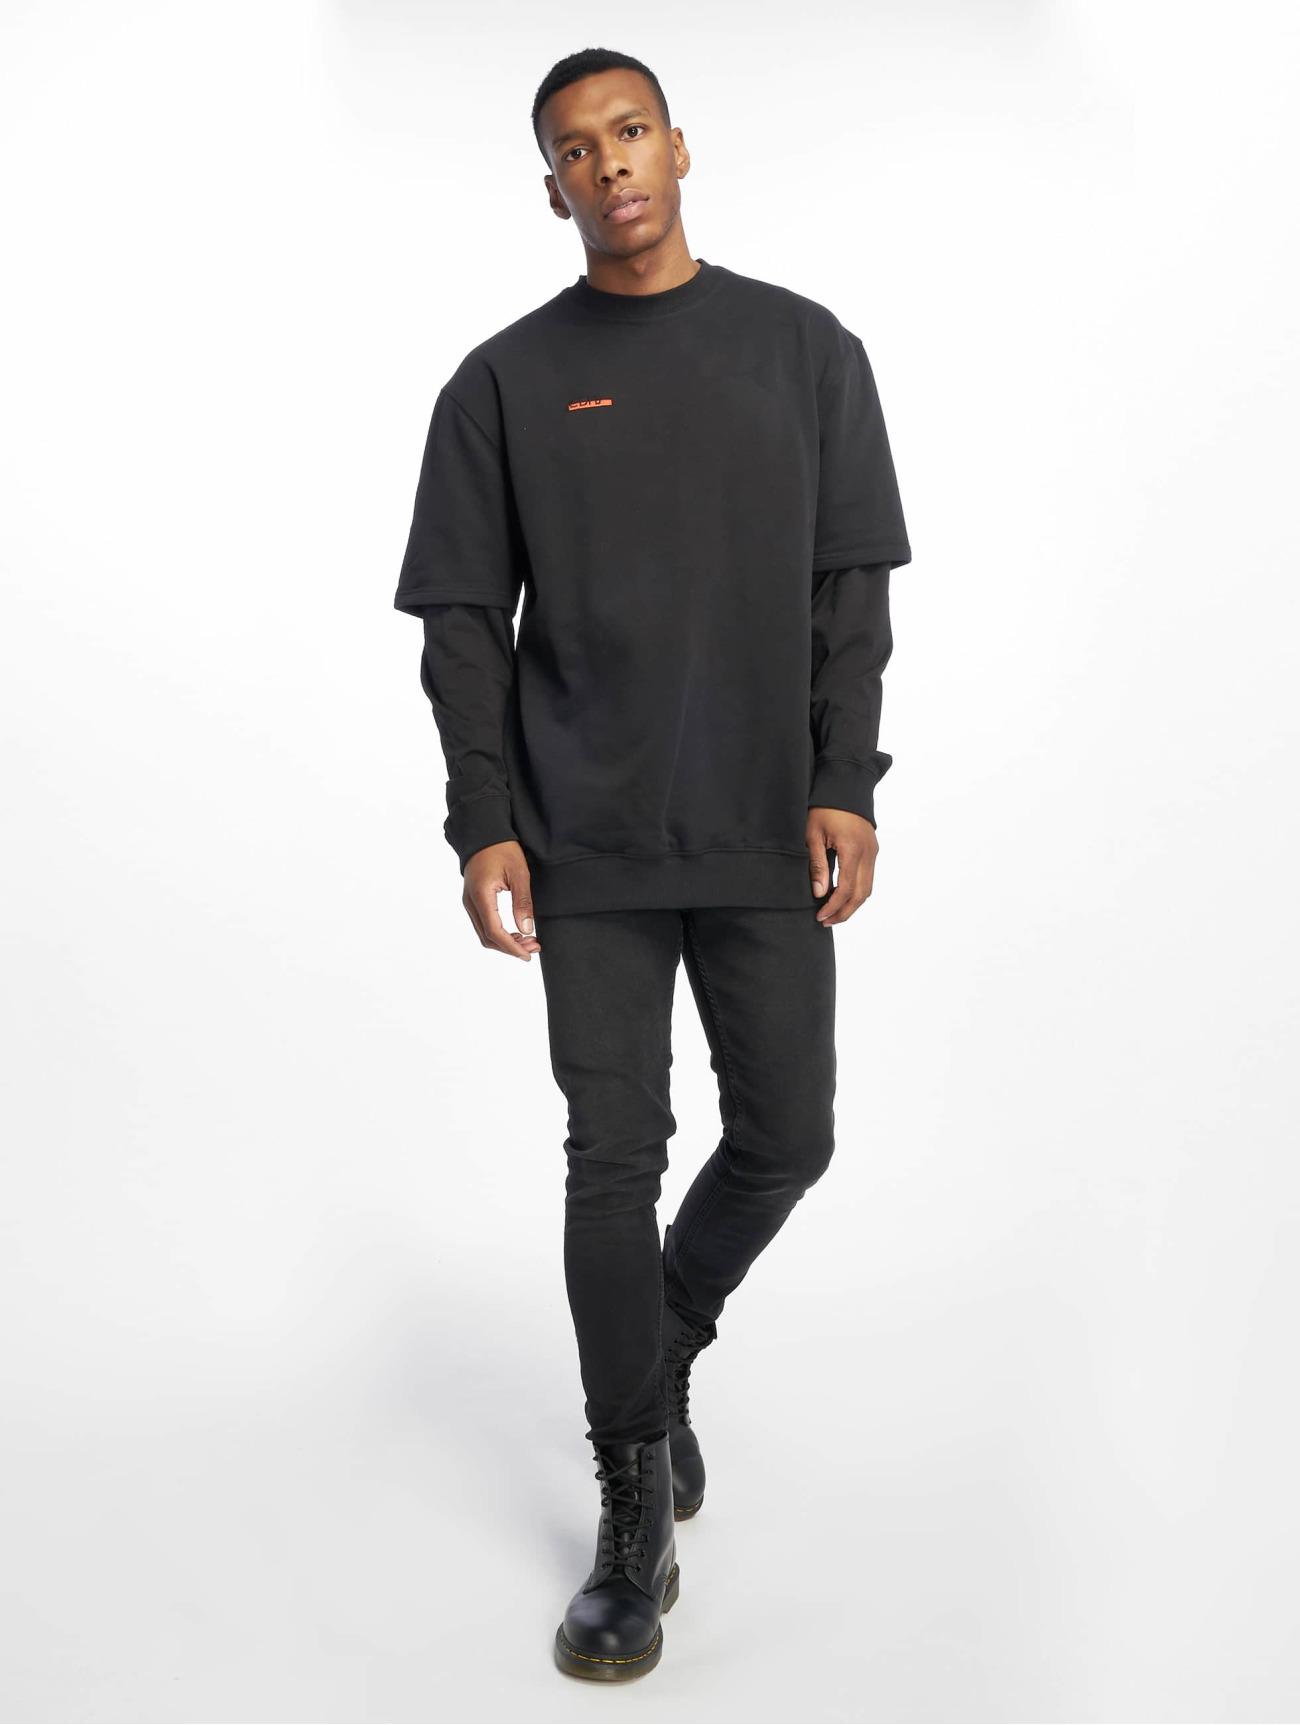 De Ferro | Arm B Line  noir Homme Sweat & Pull  604871| Homme Hauts